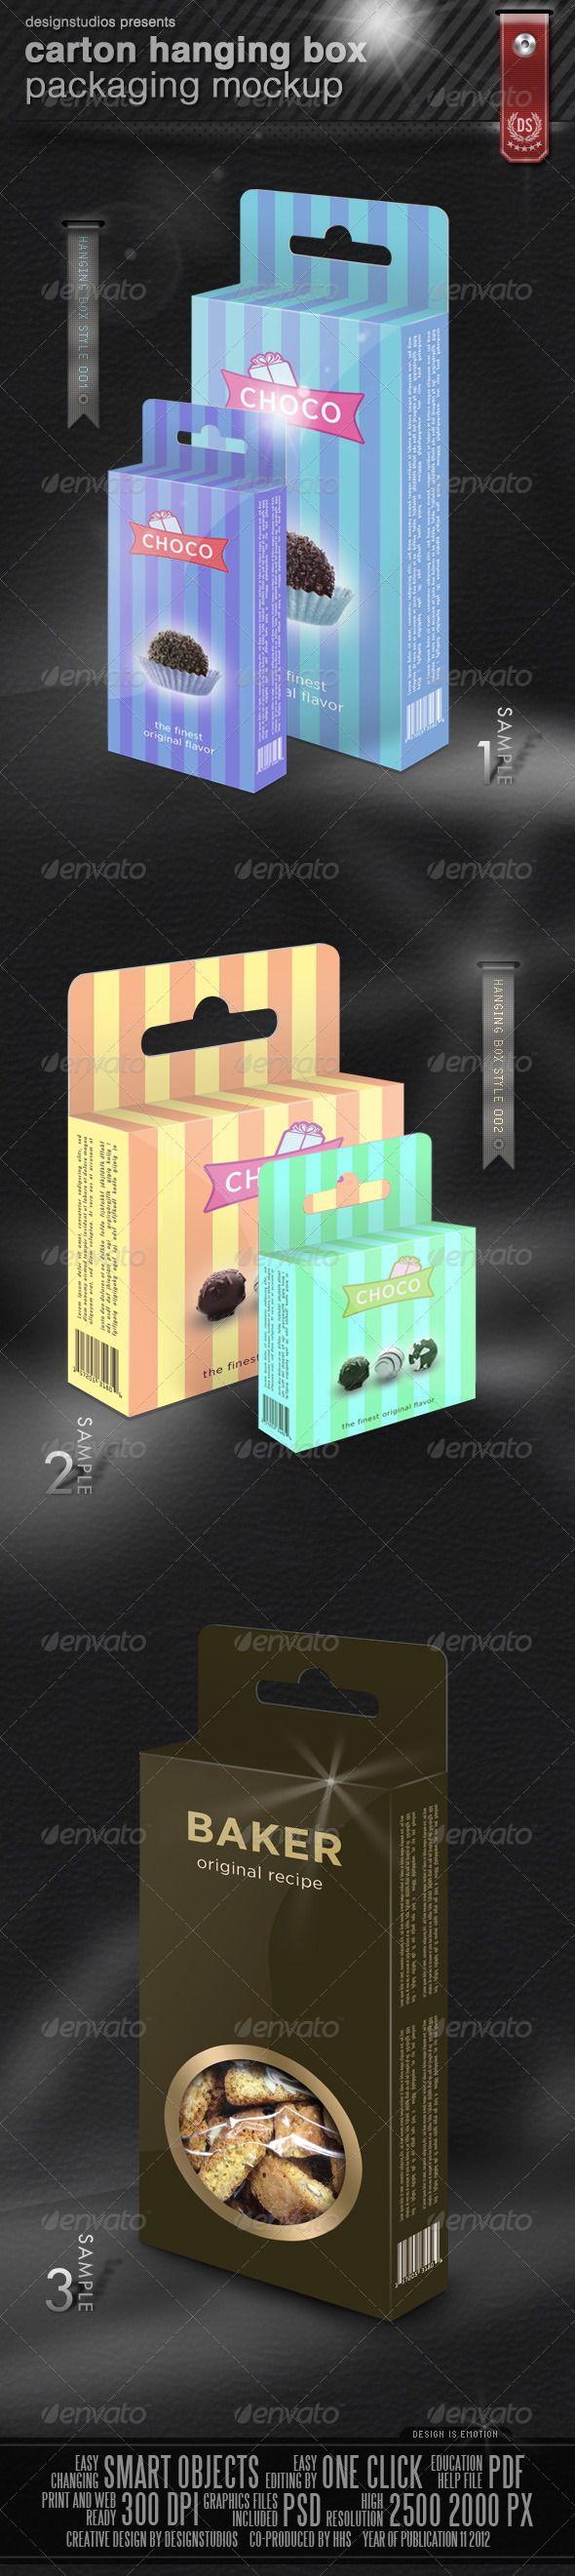 Download Carton Hanging Box Packaging Mock Up Packaging Mockup Box Mockup Box Packaging